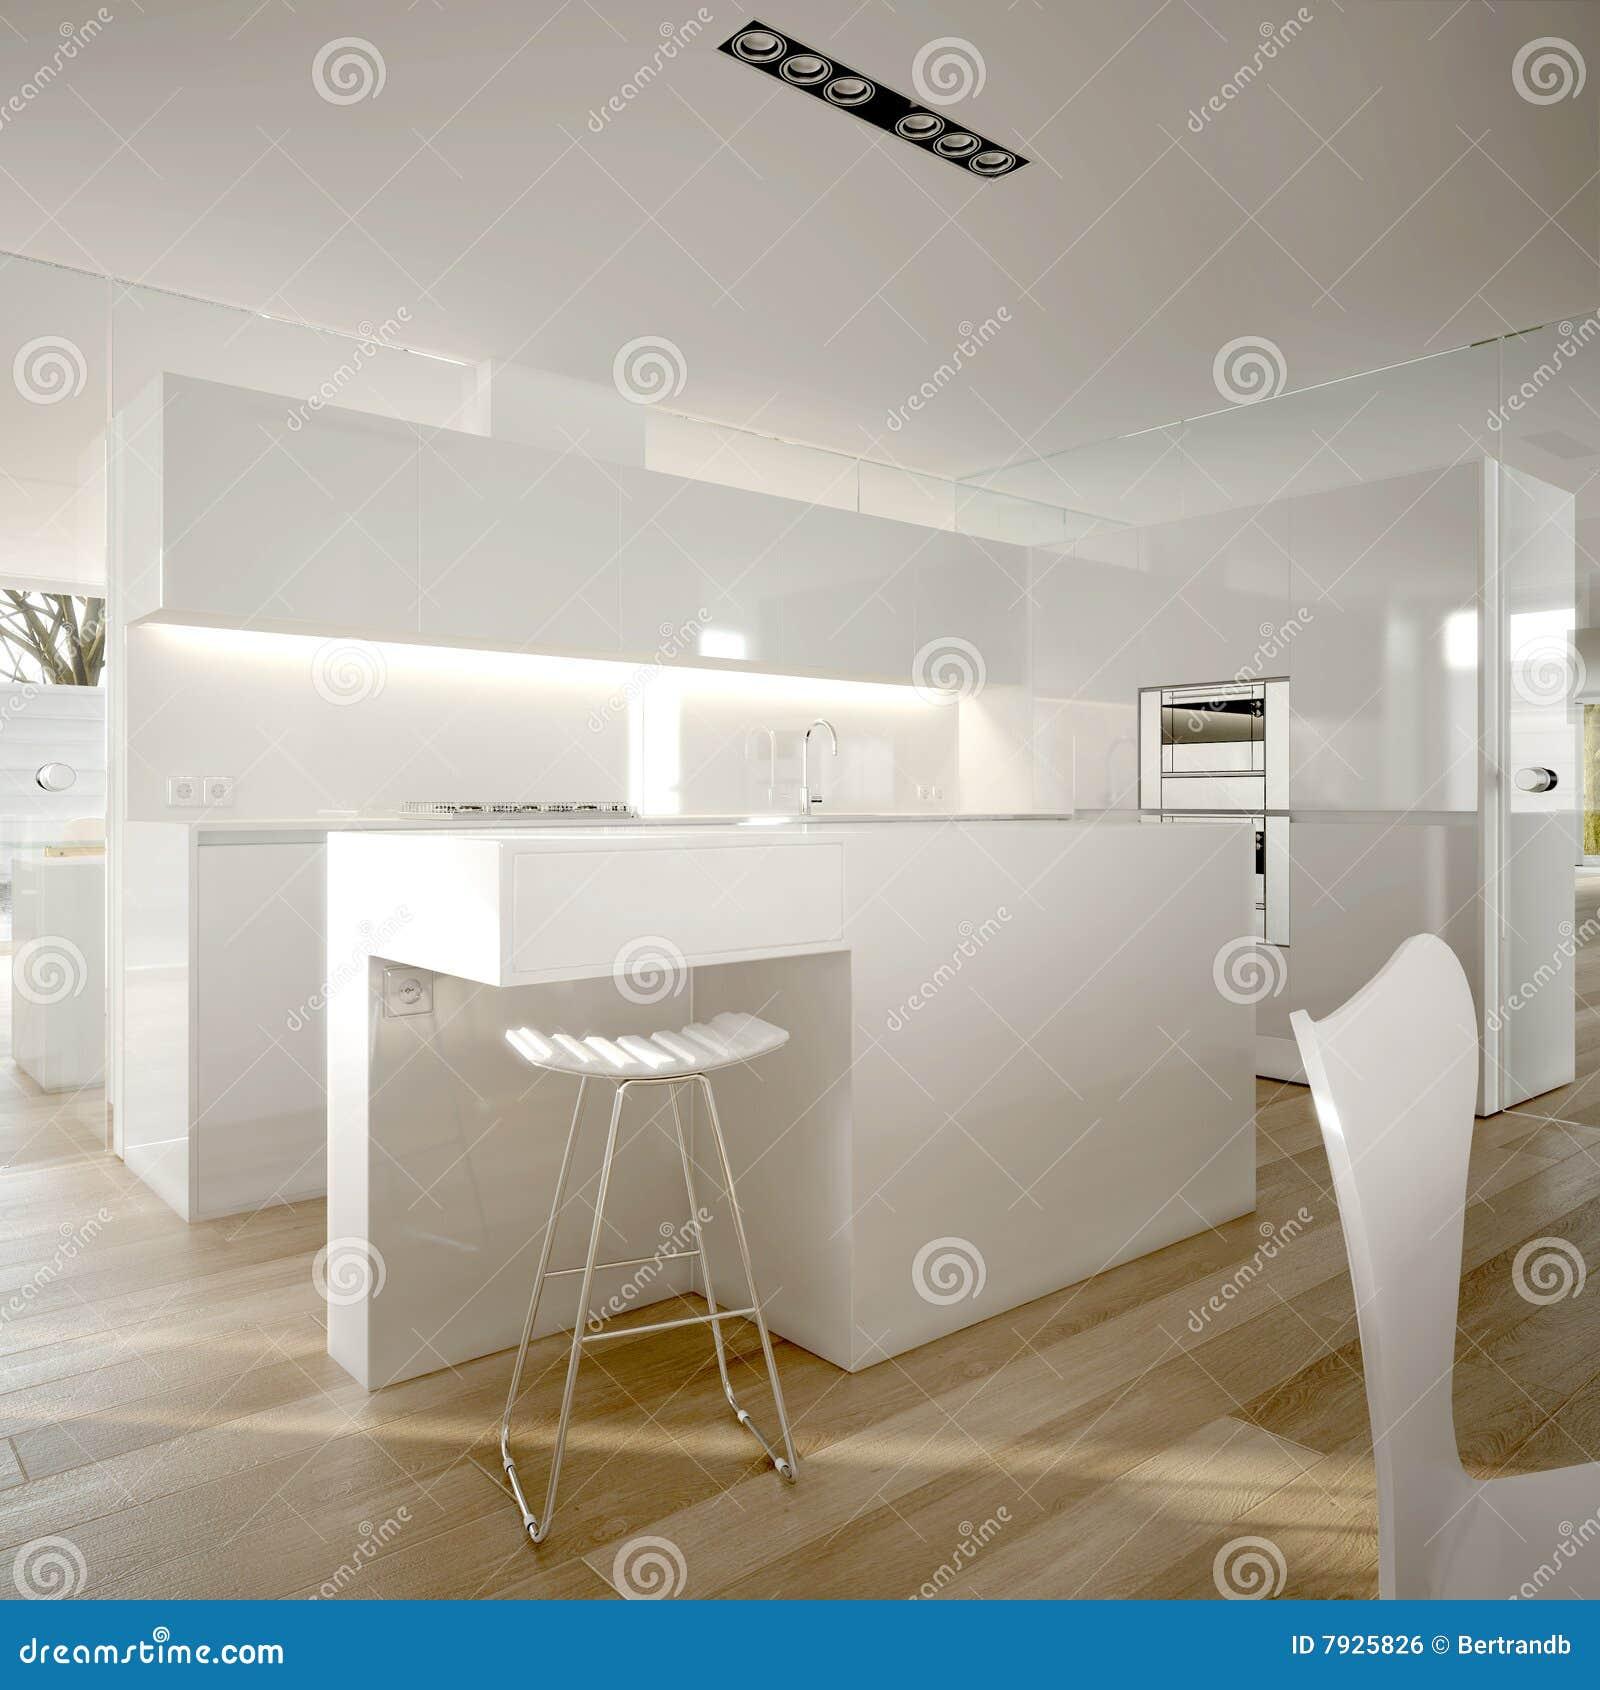 Keukenlamp Landelijk : Minimalistische Keuken : Witte Minimalistische Moderne Keuken Royalty